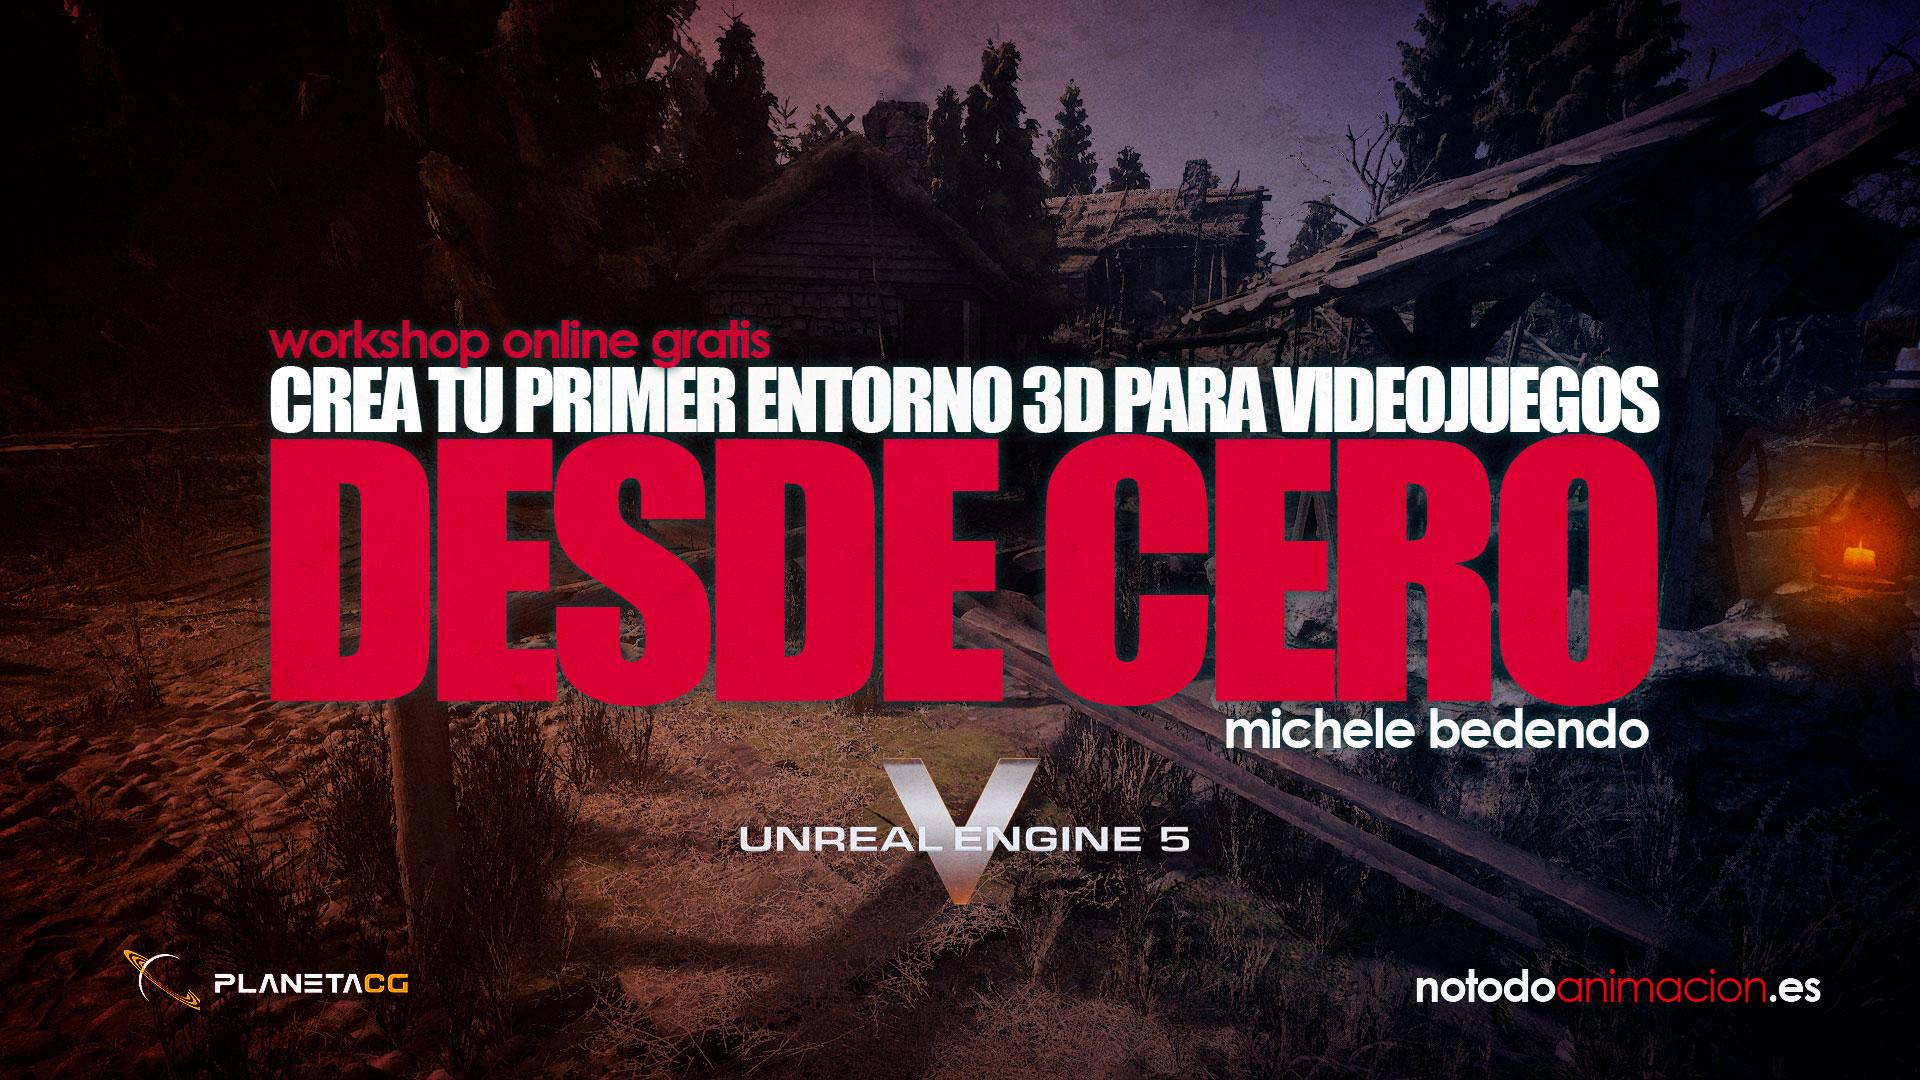 WORKSHOP ONLINE DE CREACIÓN DE VIDEOJUEGOS